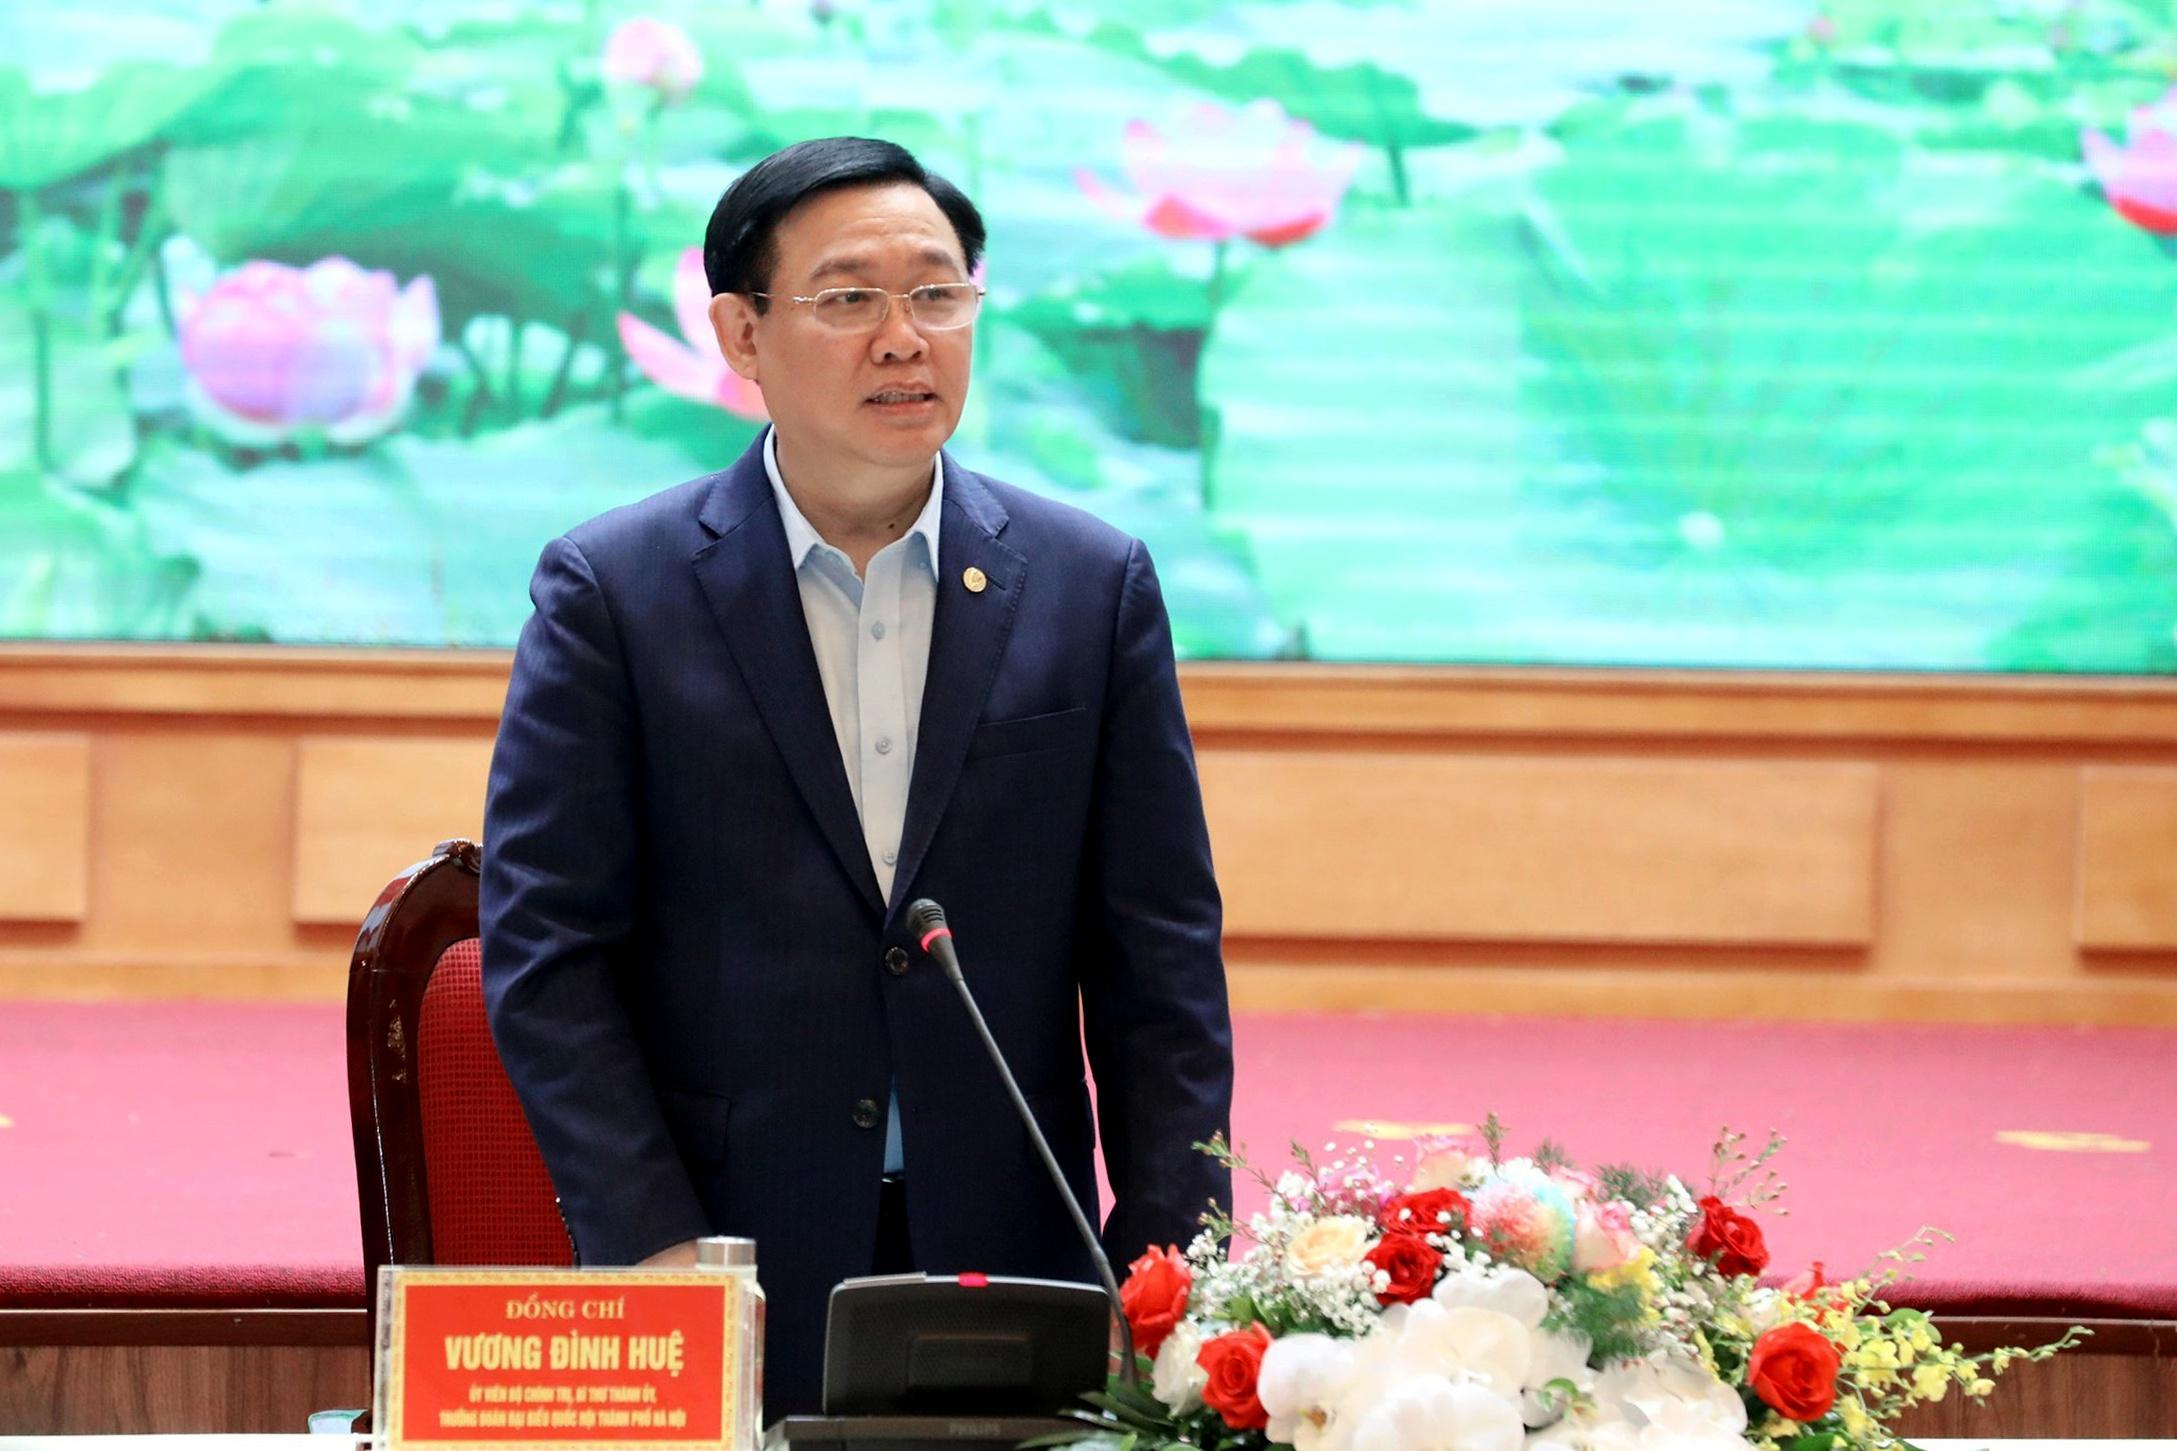 Bí thư Vương Đình Huệ phát biểu tại buổi làm việc.